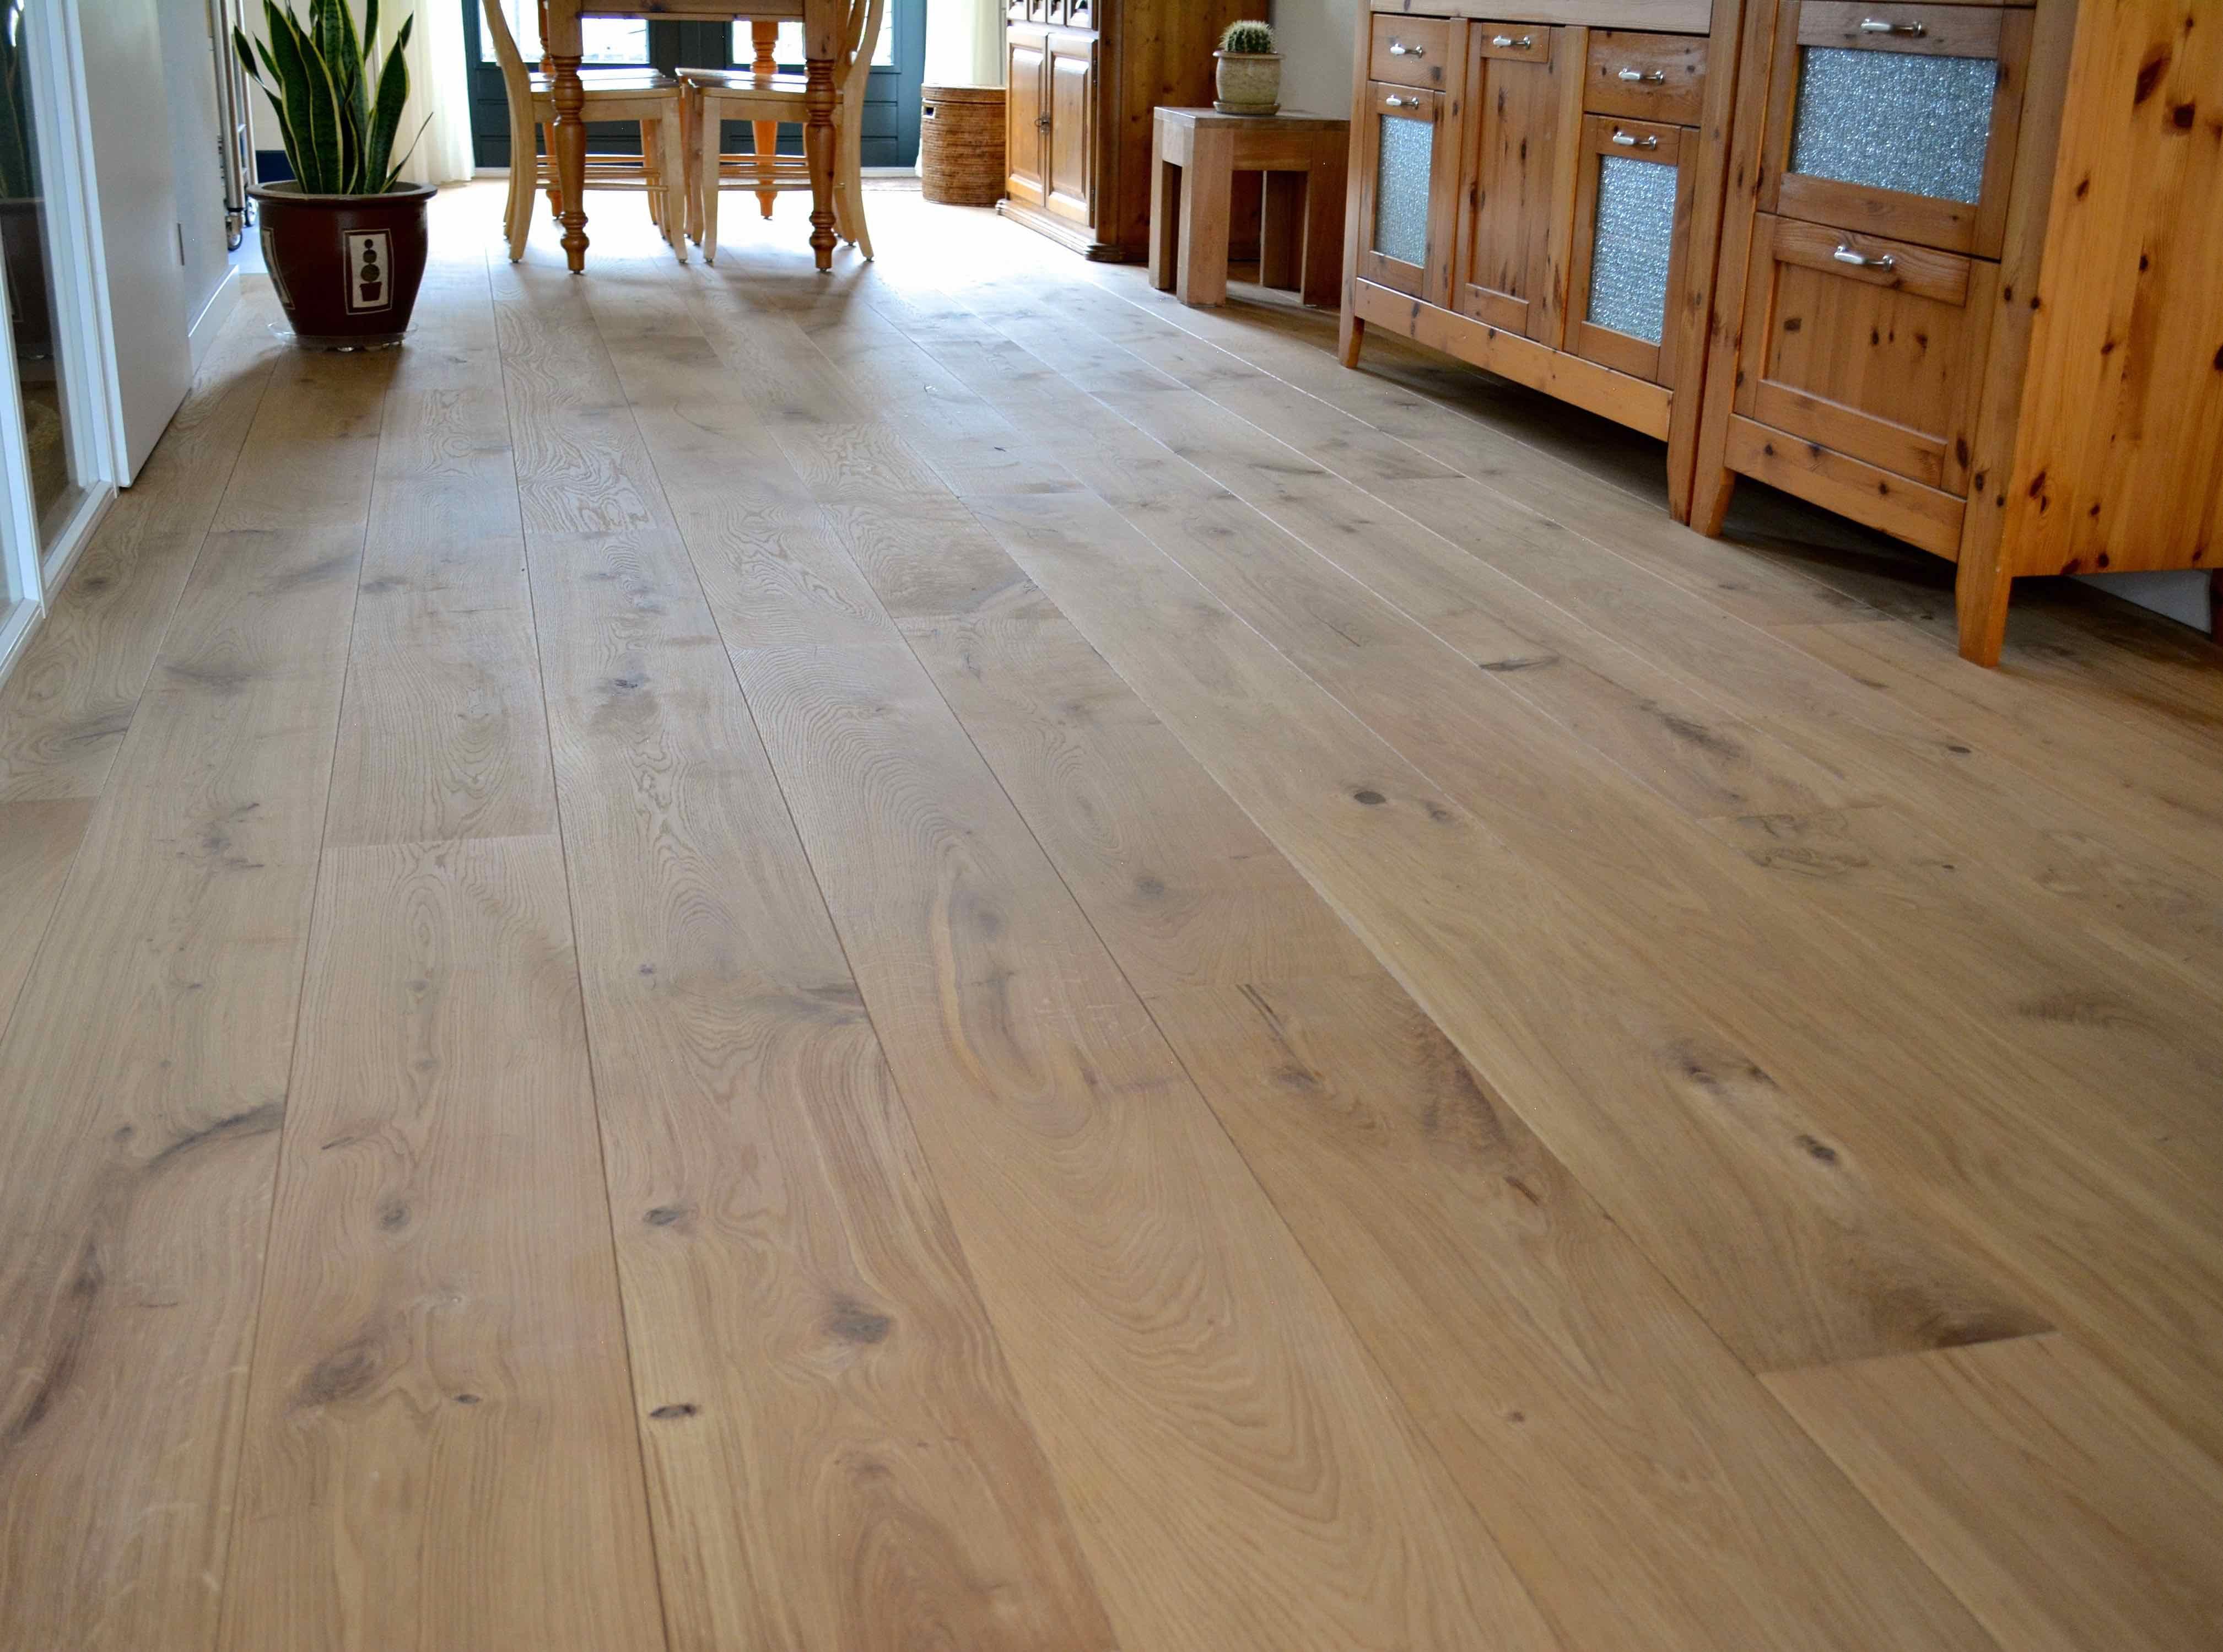 Eiken Houten Vloer : Eiken houten vloer dutzfloors huis in